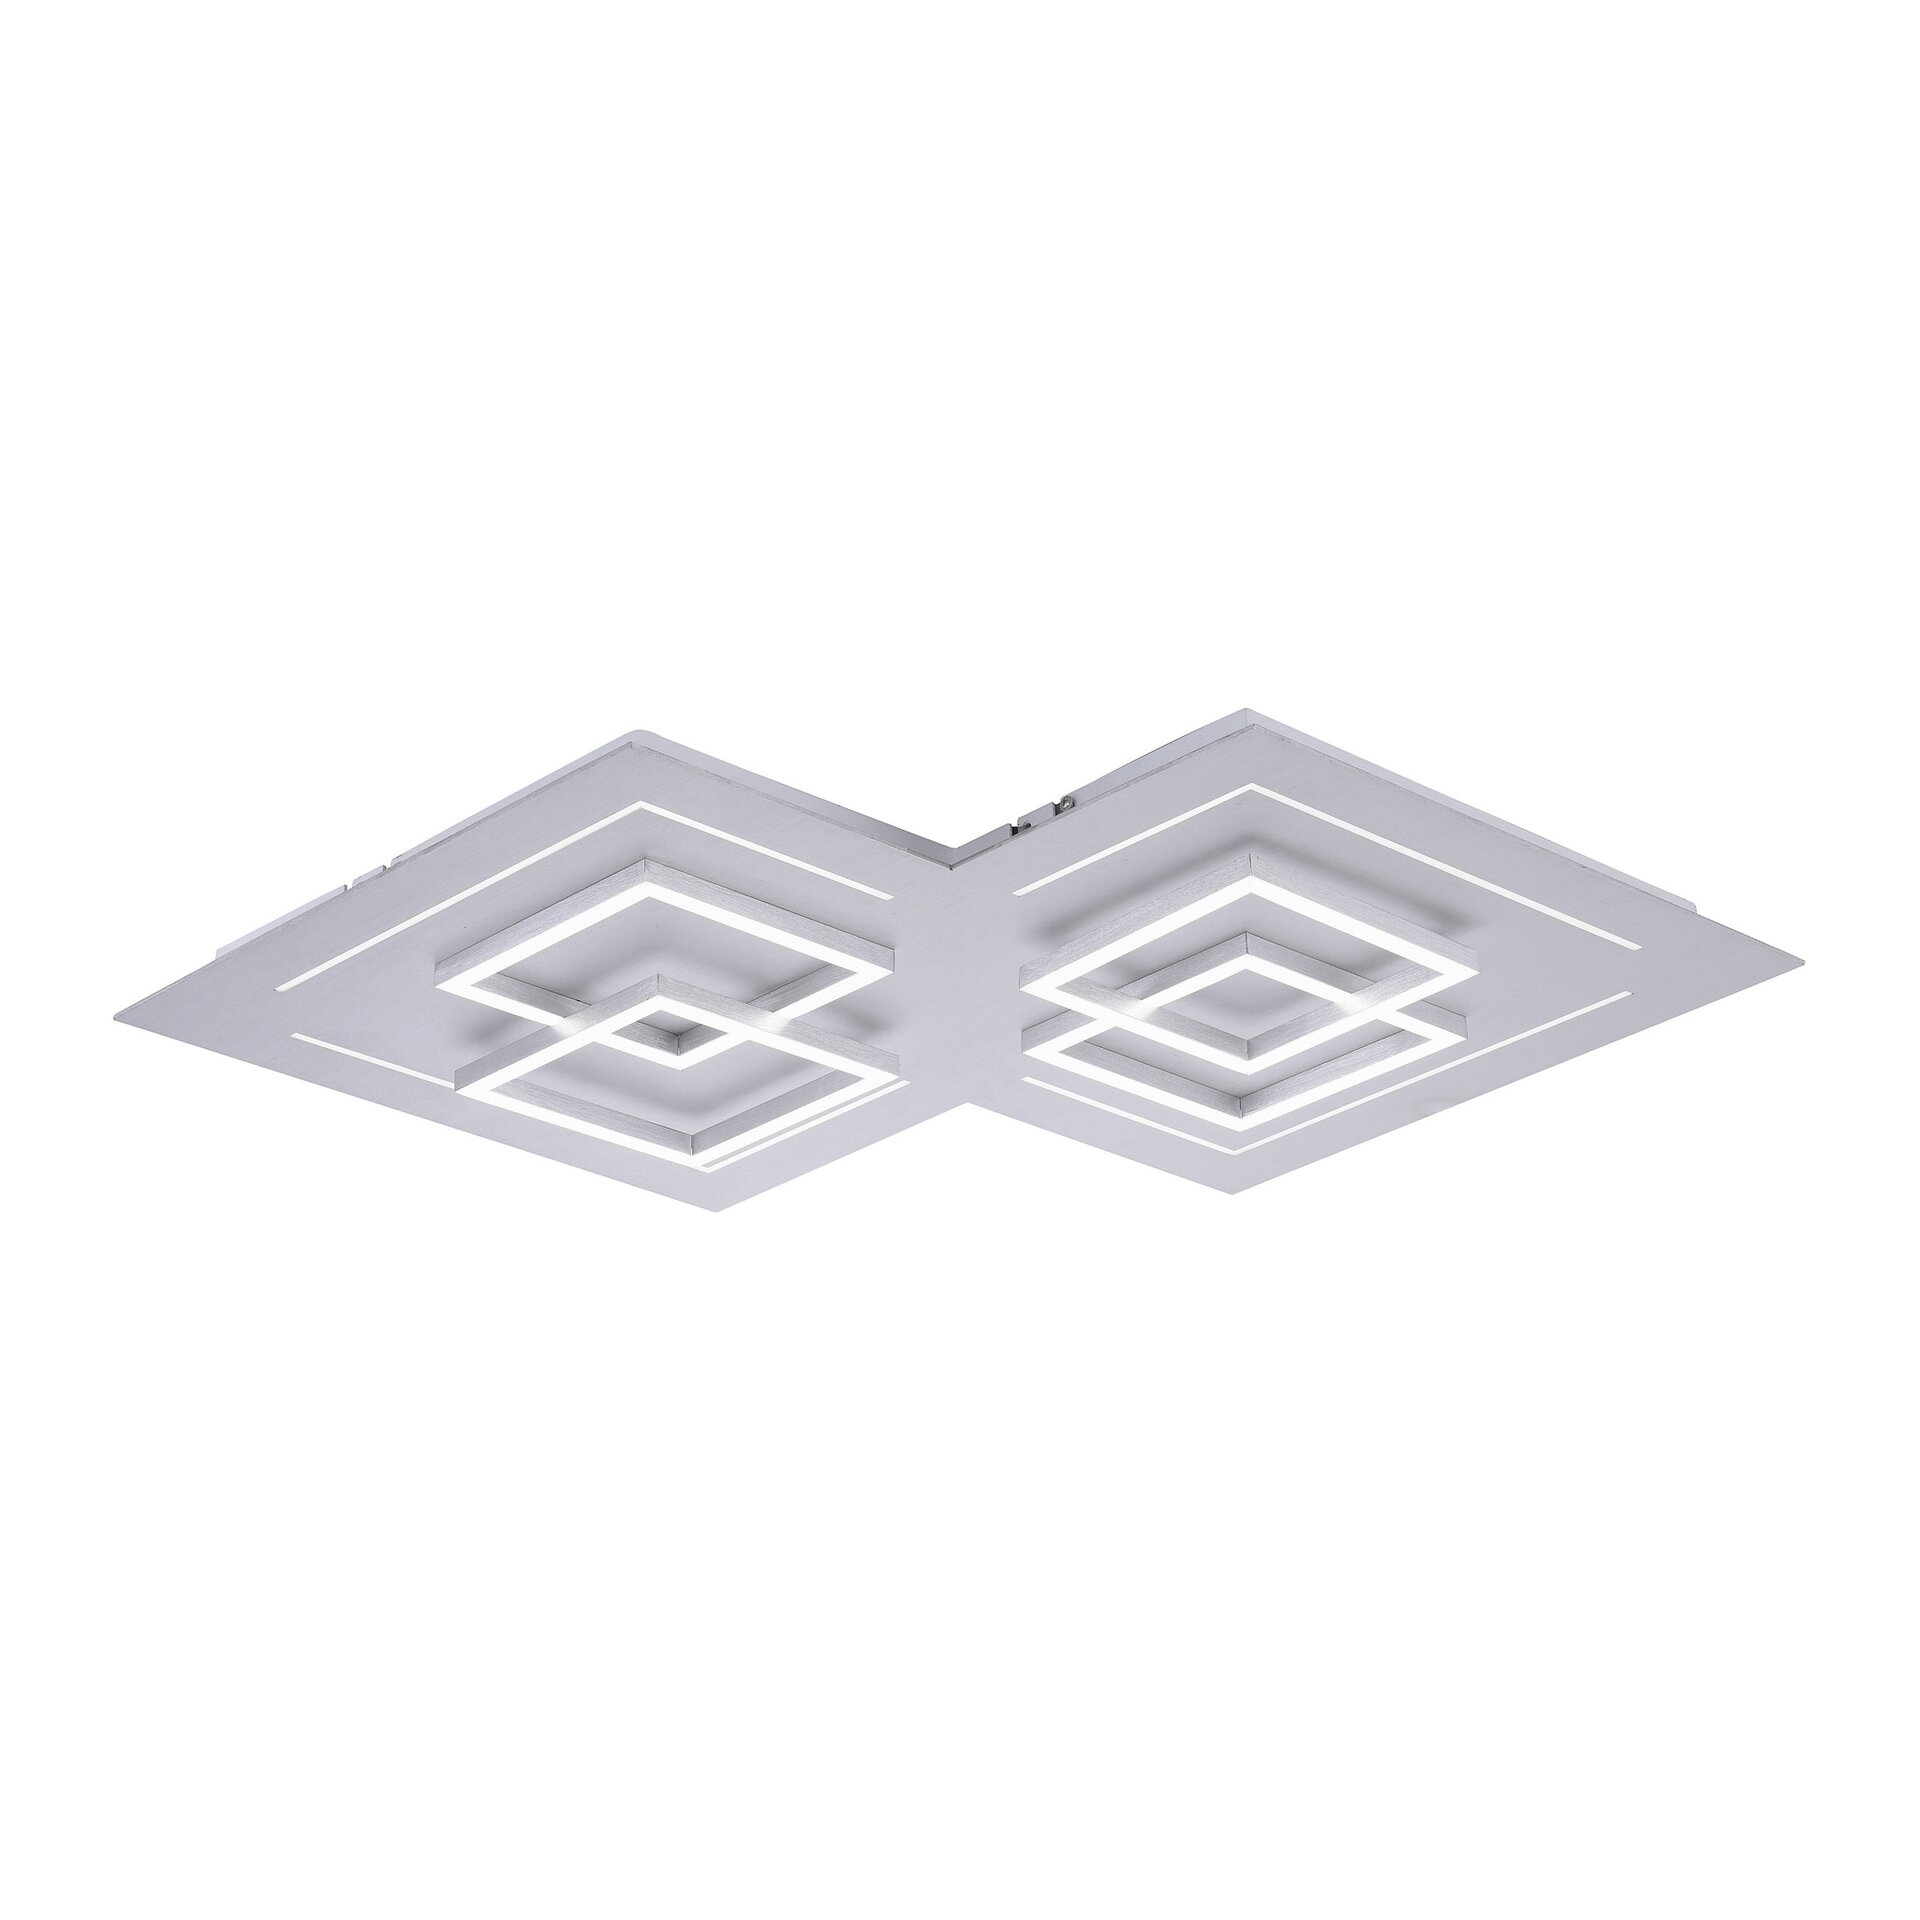 Smart-Home-Leuchten Q-LINEA Paul Neuhaus Metall weiß 60 x 25 x 85 cm